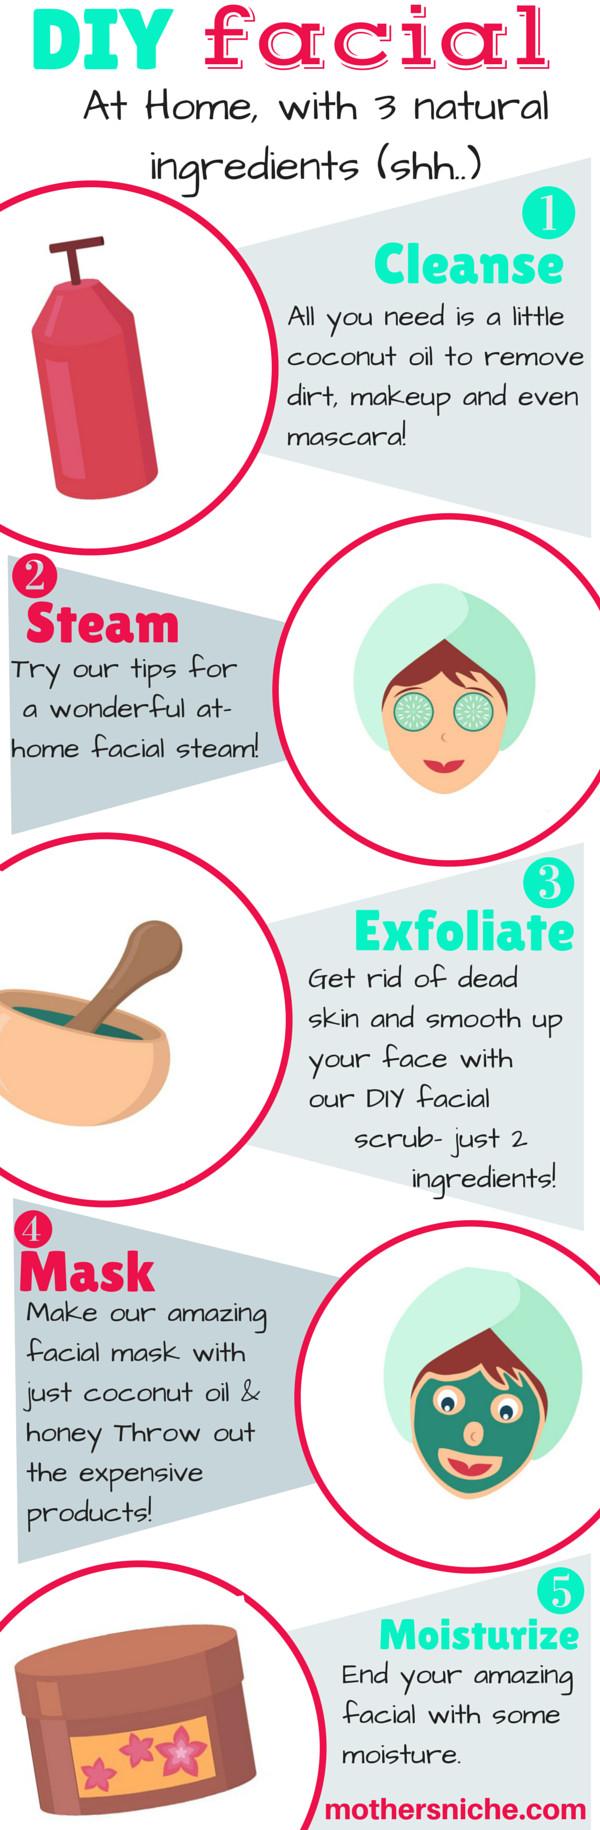 DIY At Home Face Mask  Easy DIY Facial at Home